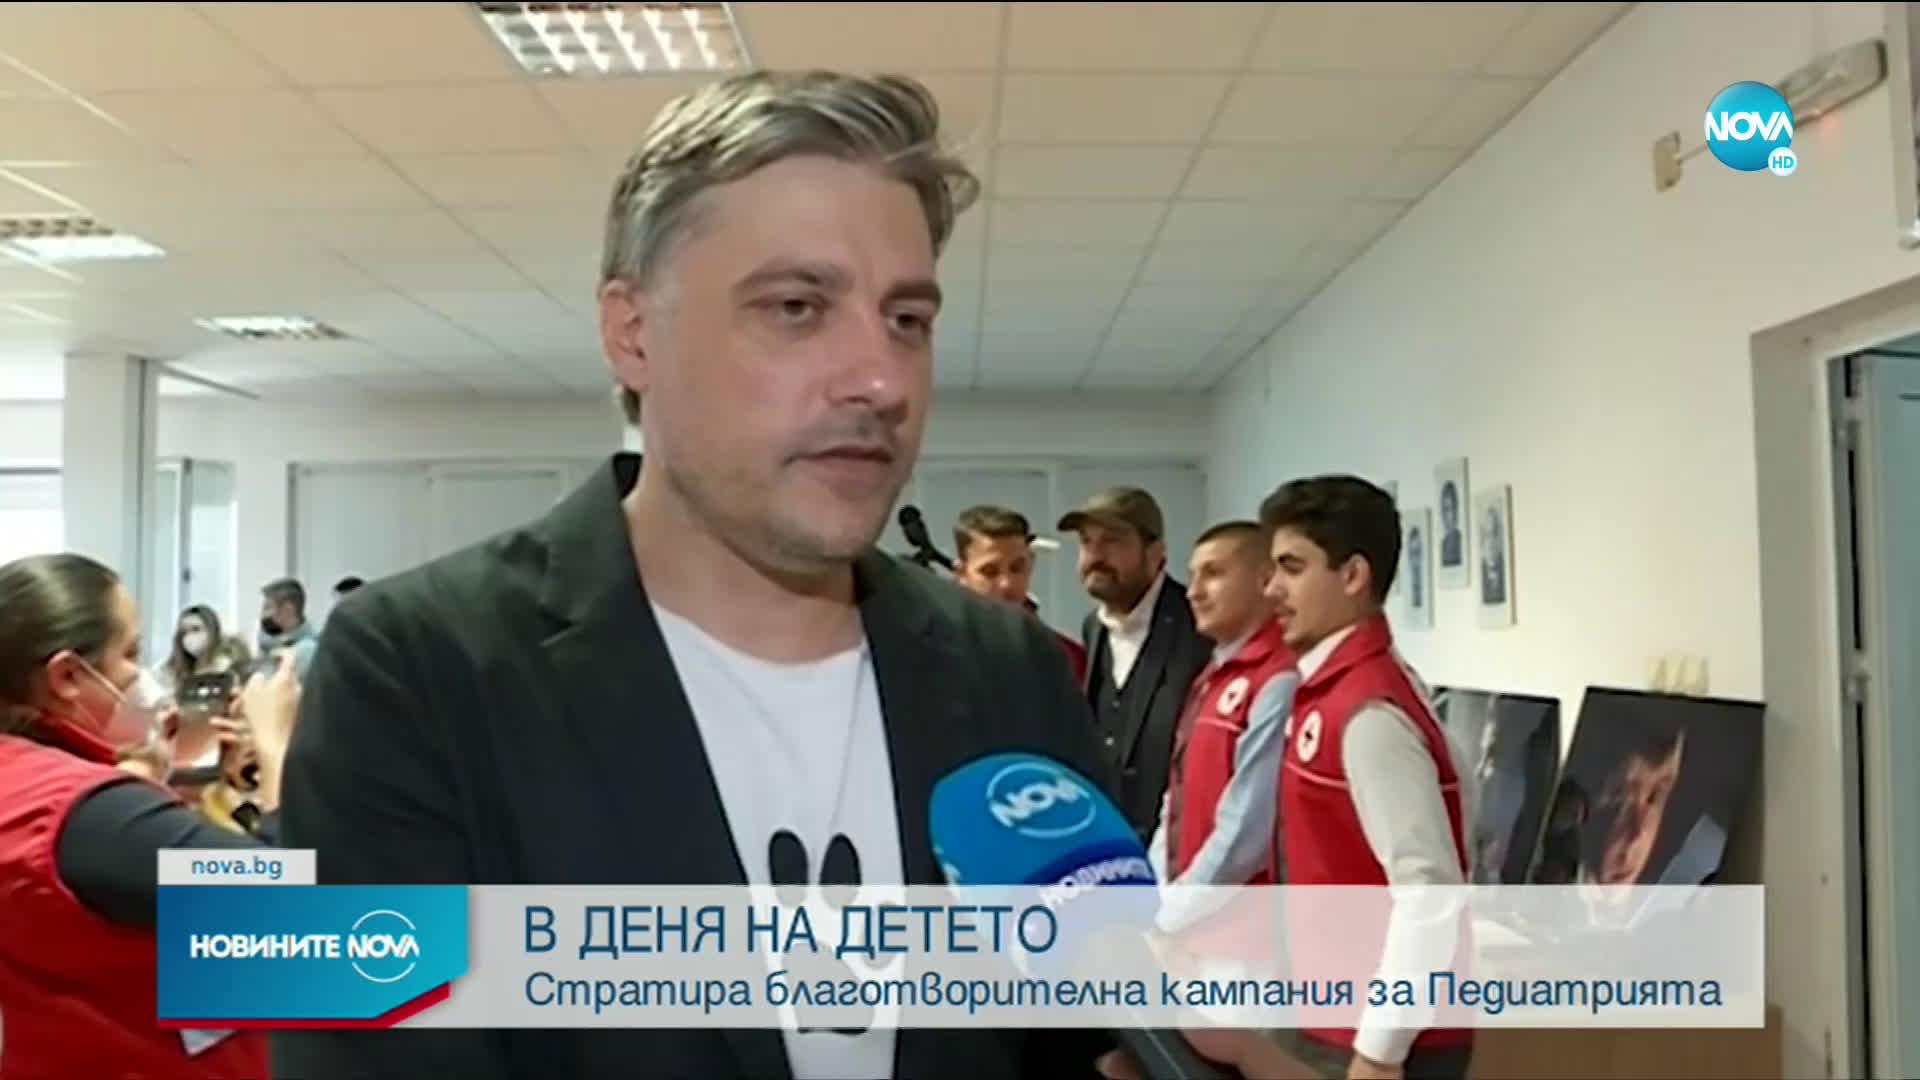 Педиатрията в София организира благотворителна акция за закупуване на апаратура